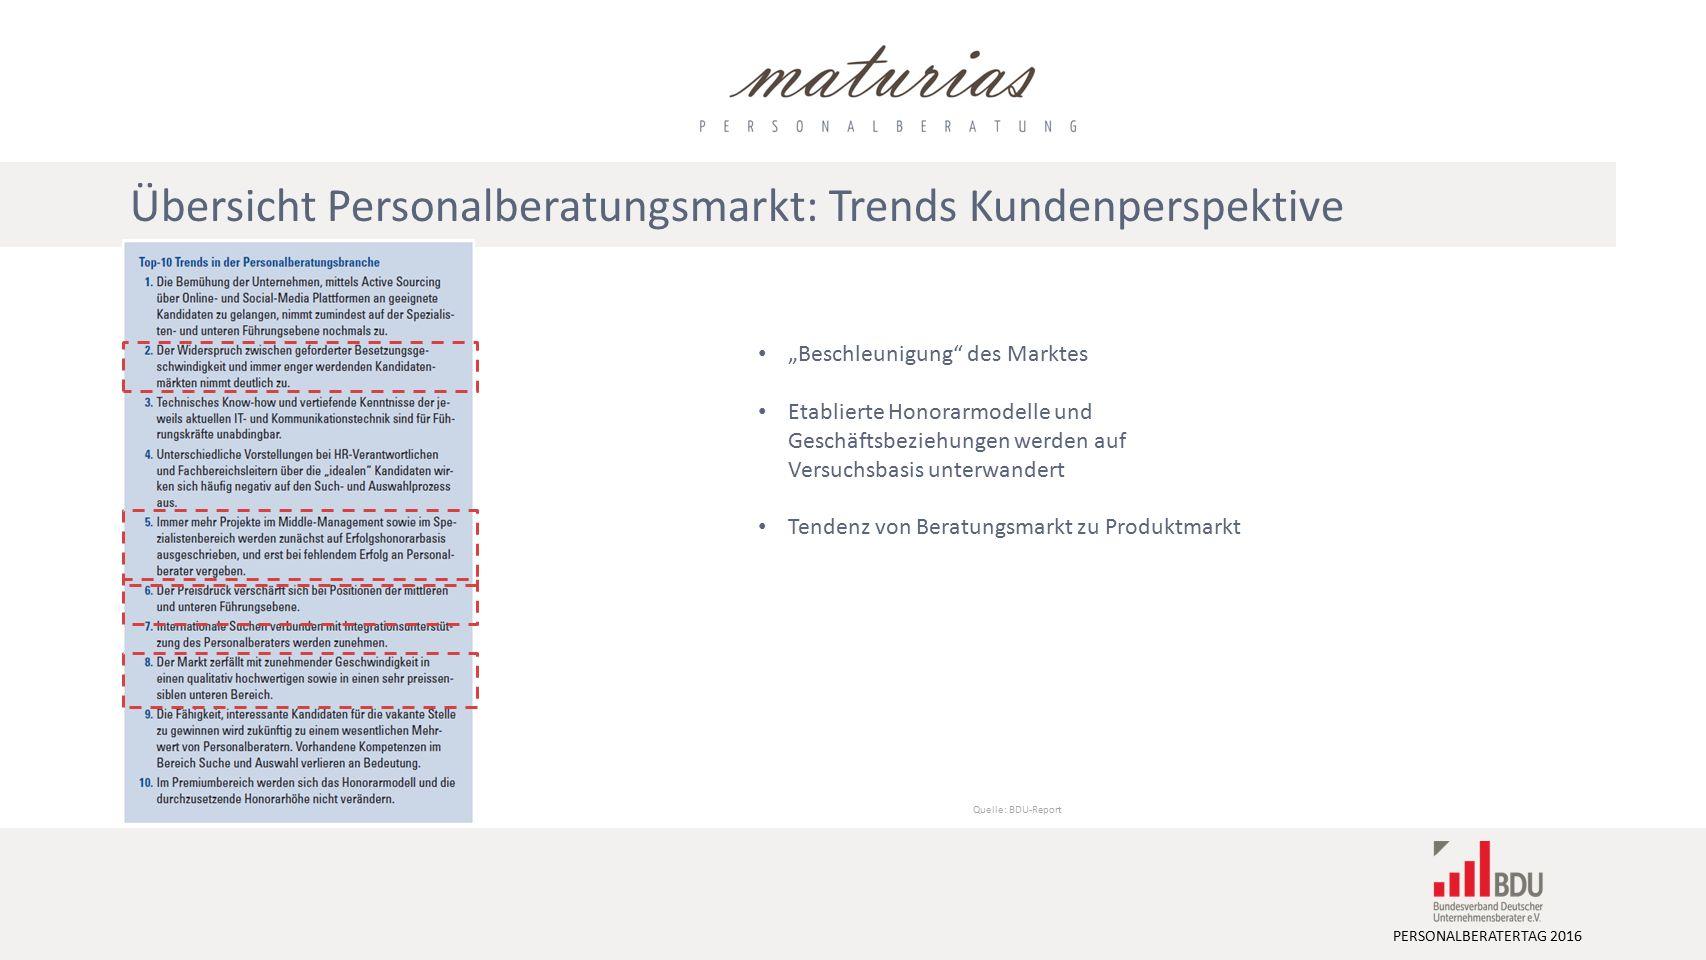 """PERSONALBERATERTAG 2016 Quelle: BDU-Report """"Beschleunigung des Marktes Etablierte Honorarmodelle und Geschäftsbeziehungen werden auf Versuchsbasis unterwandert Tendenz von Beratungsmarkt zu Produktmarkt Übersicht Personalberatungsmarkt: Trends Kundenperspektive"""